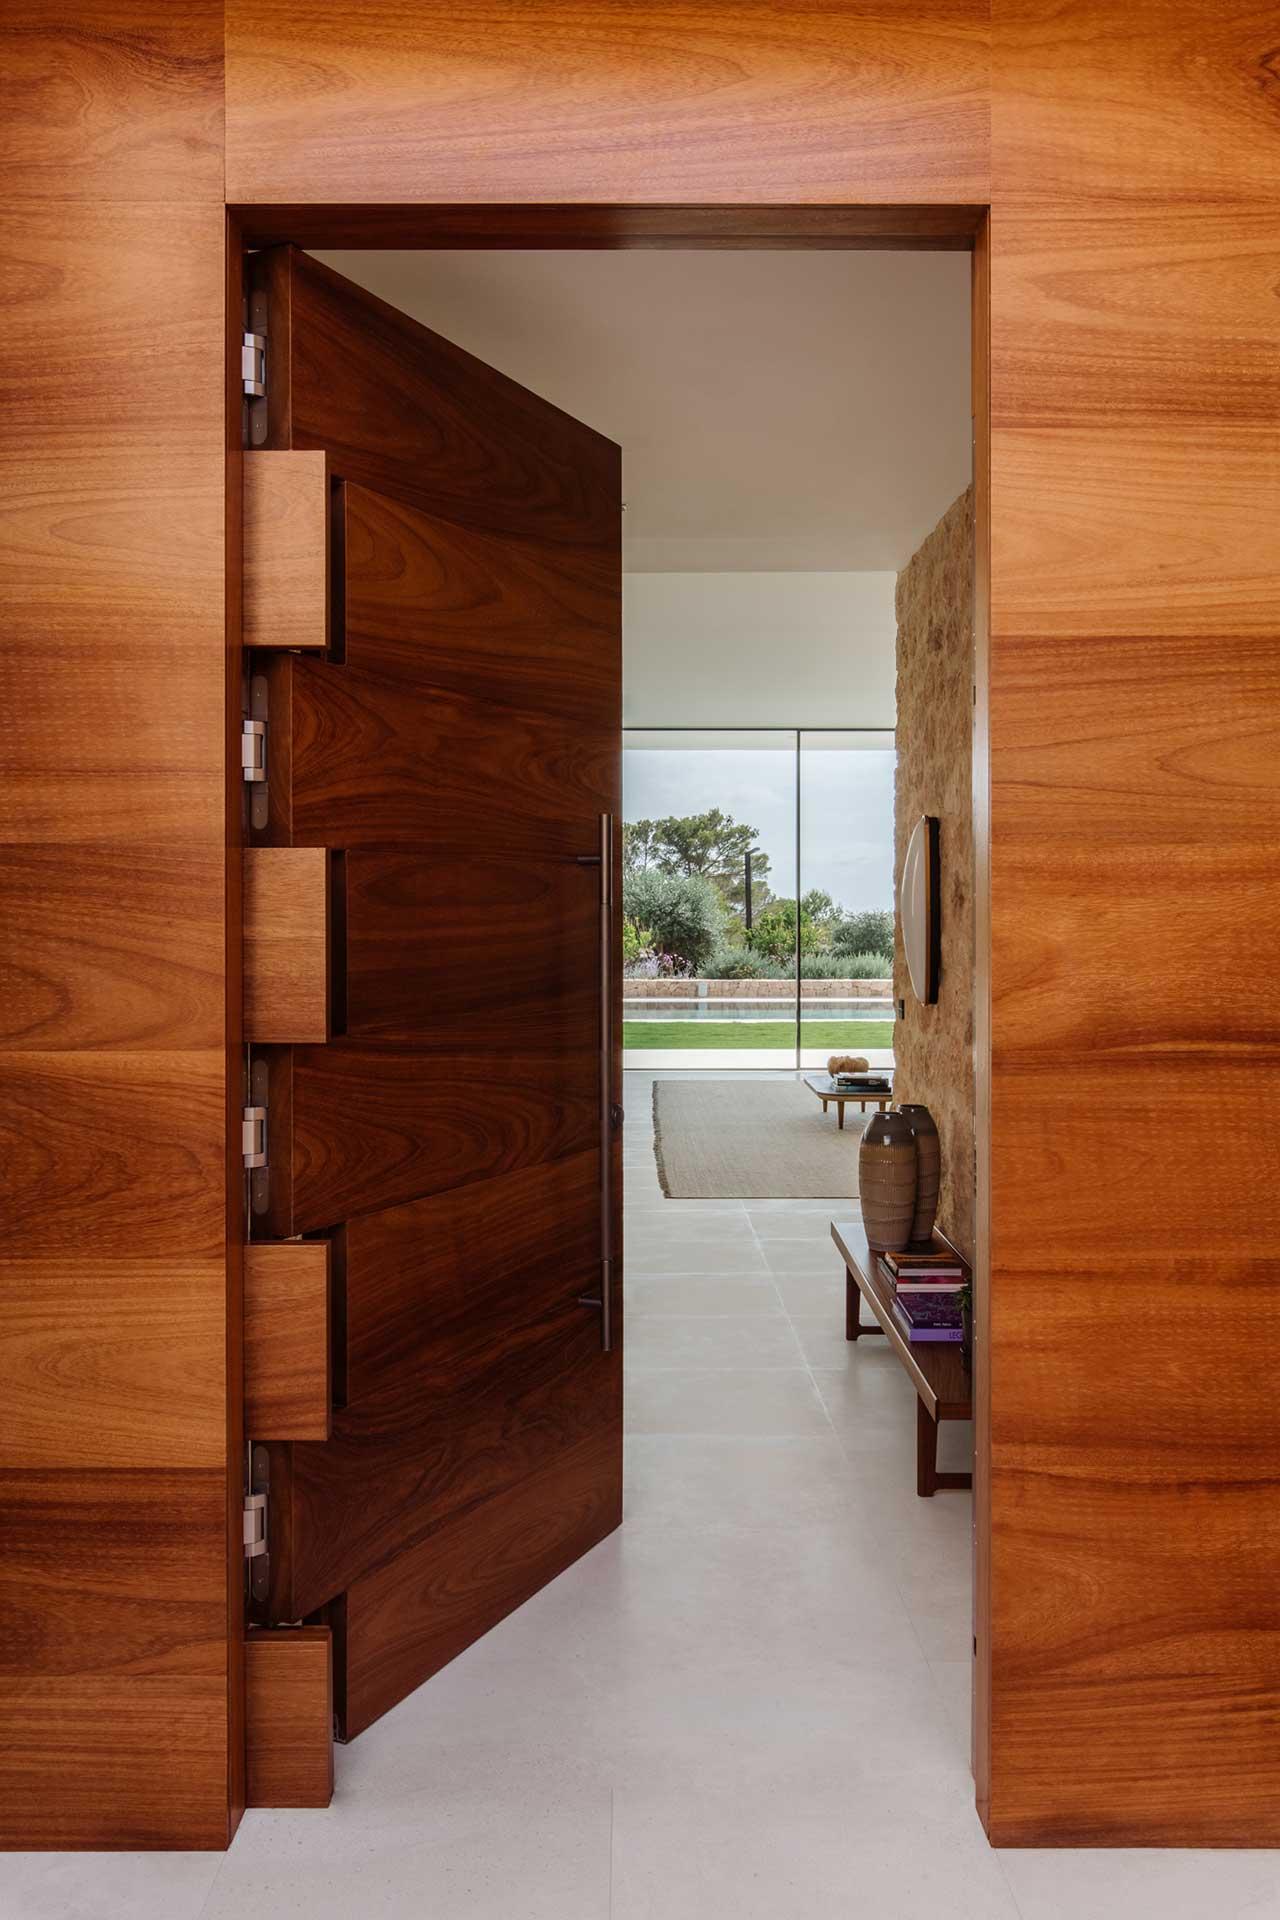 wooden front door opened into house